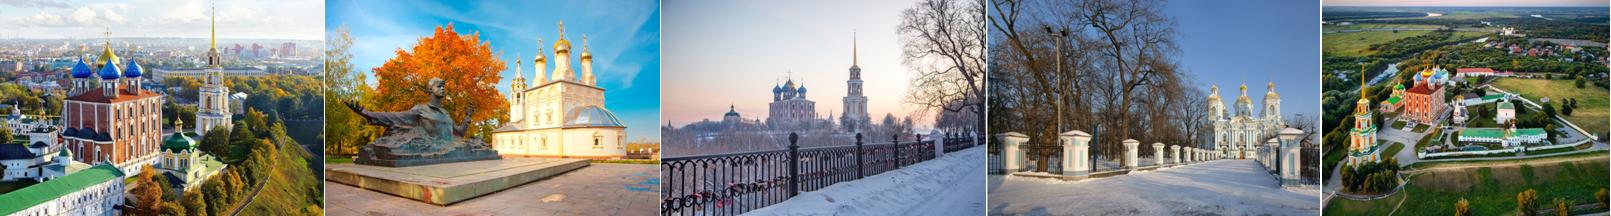 Рождественское путешествие в Новогоднюю столицу России - Рязань 2020